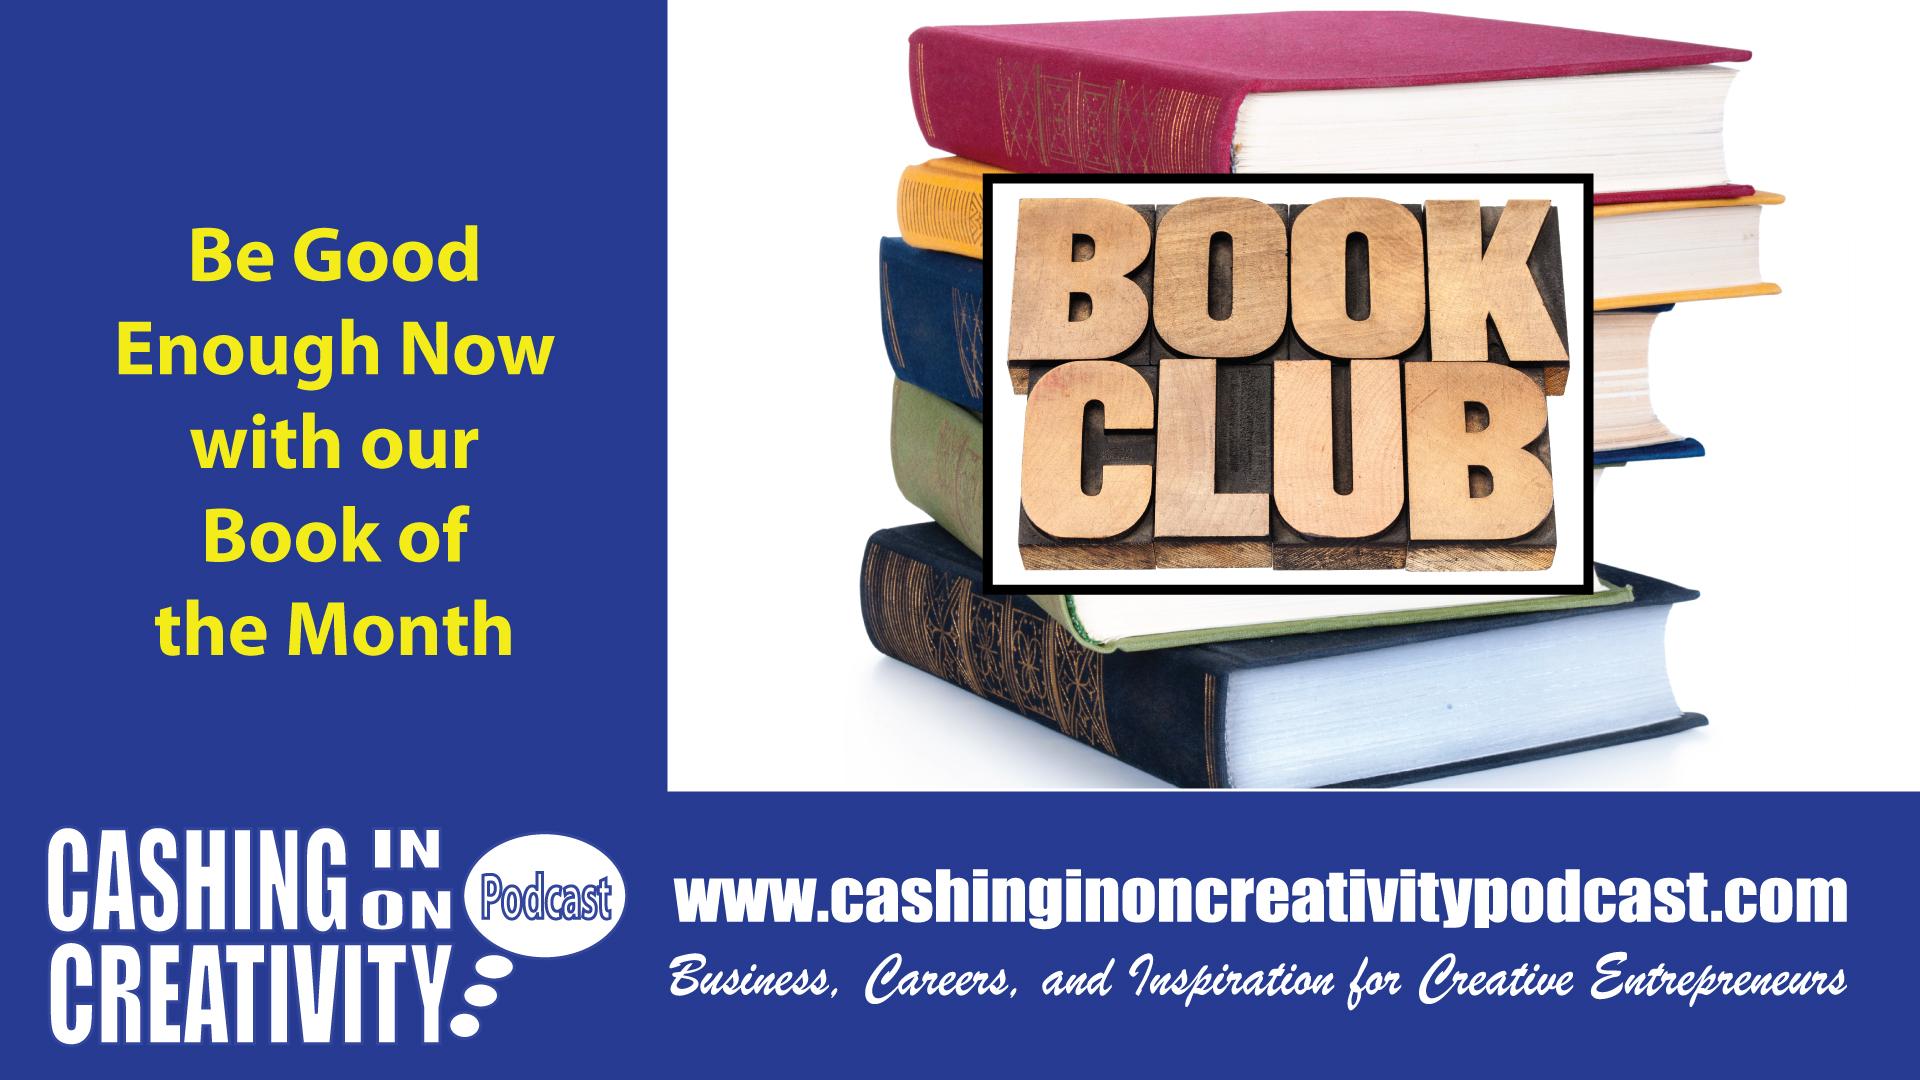 CC237 You're Good Enough Now-Book Club Episode